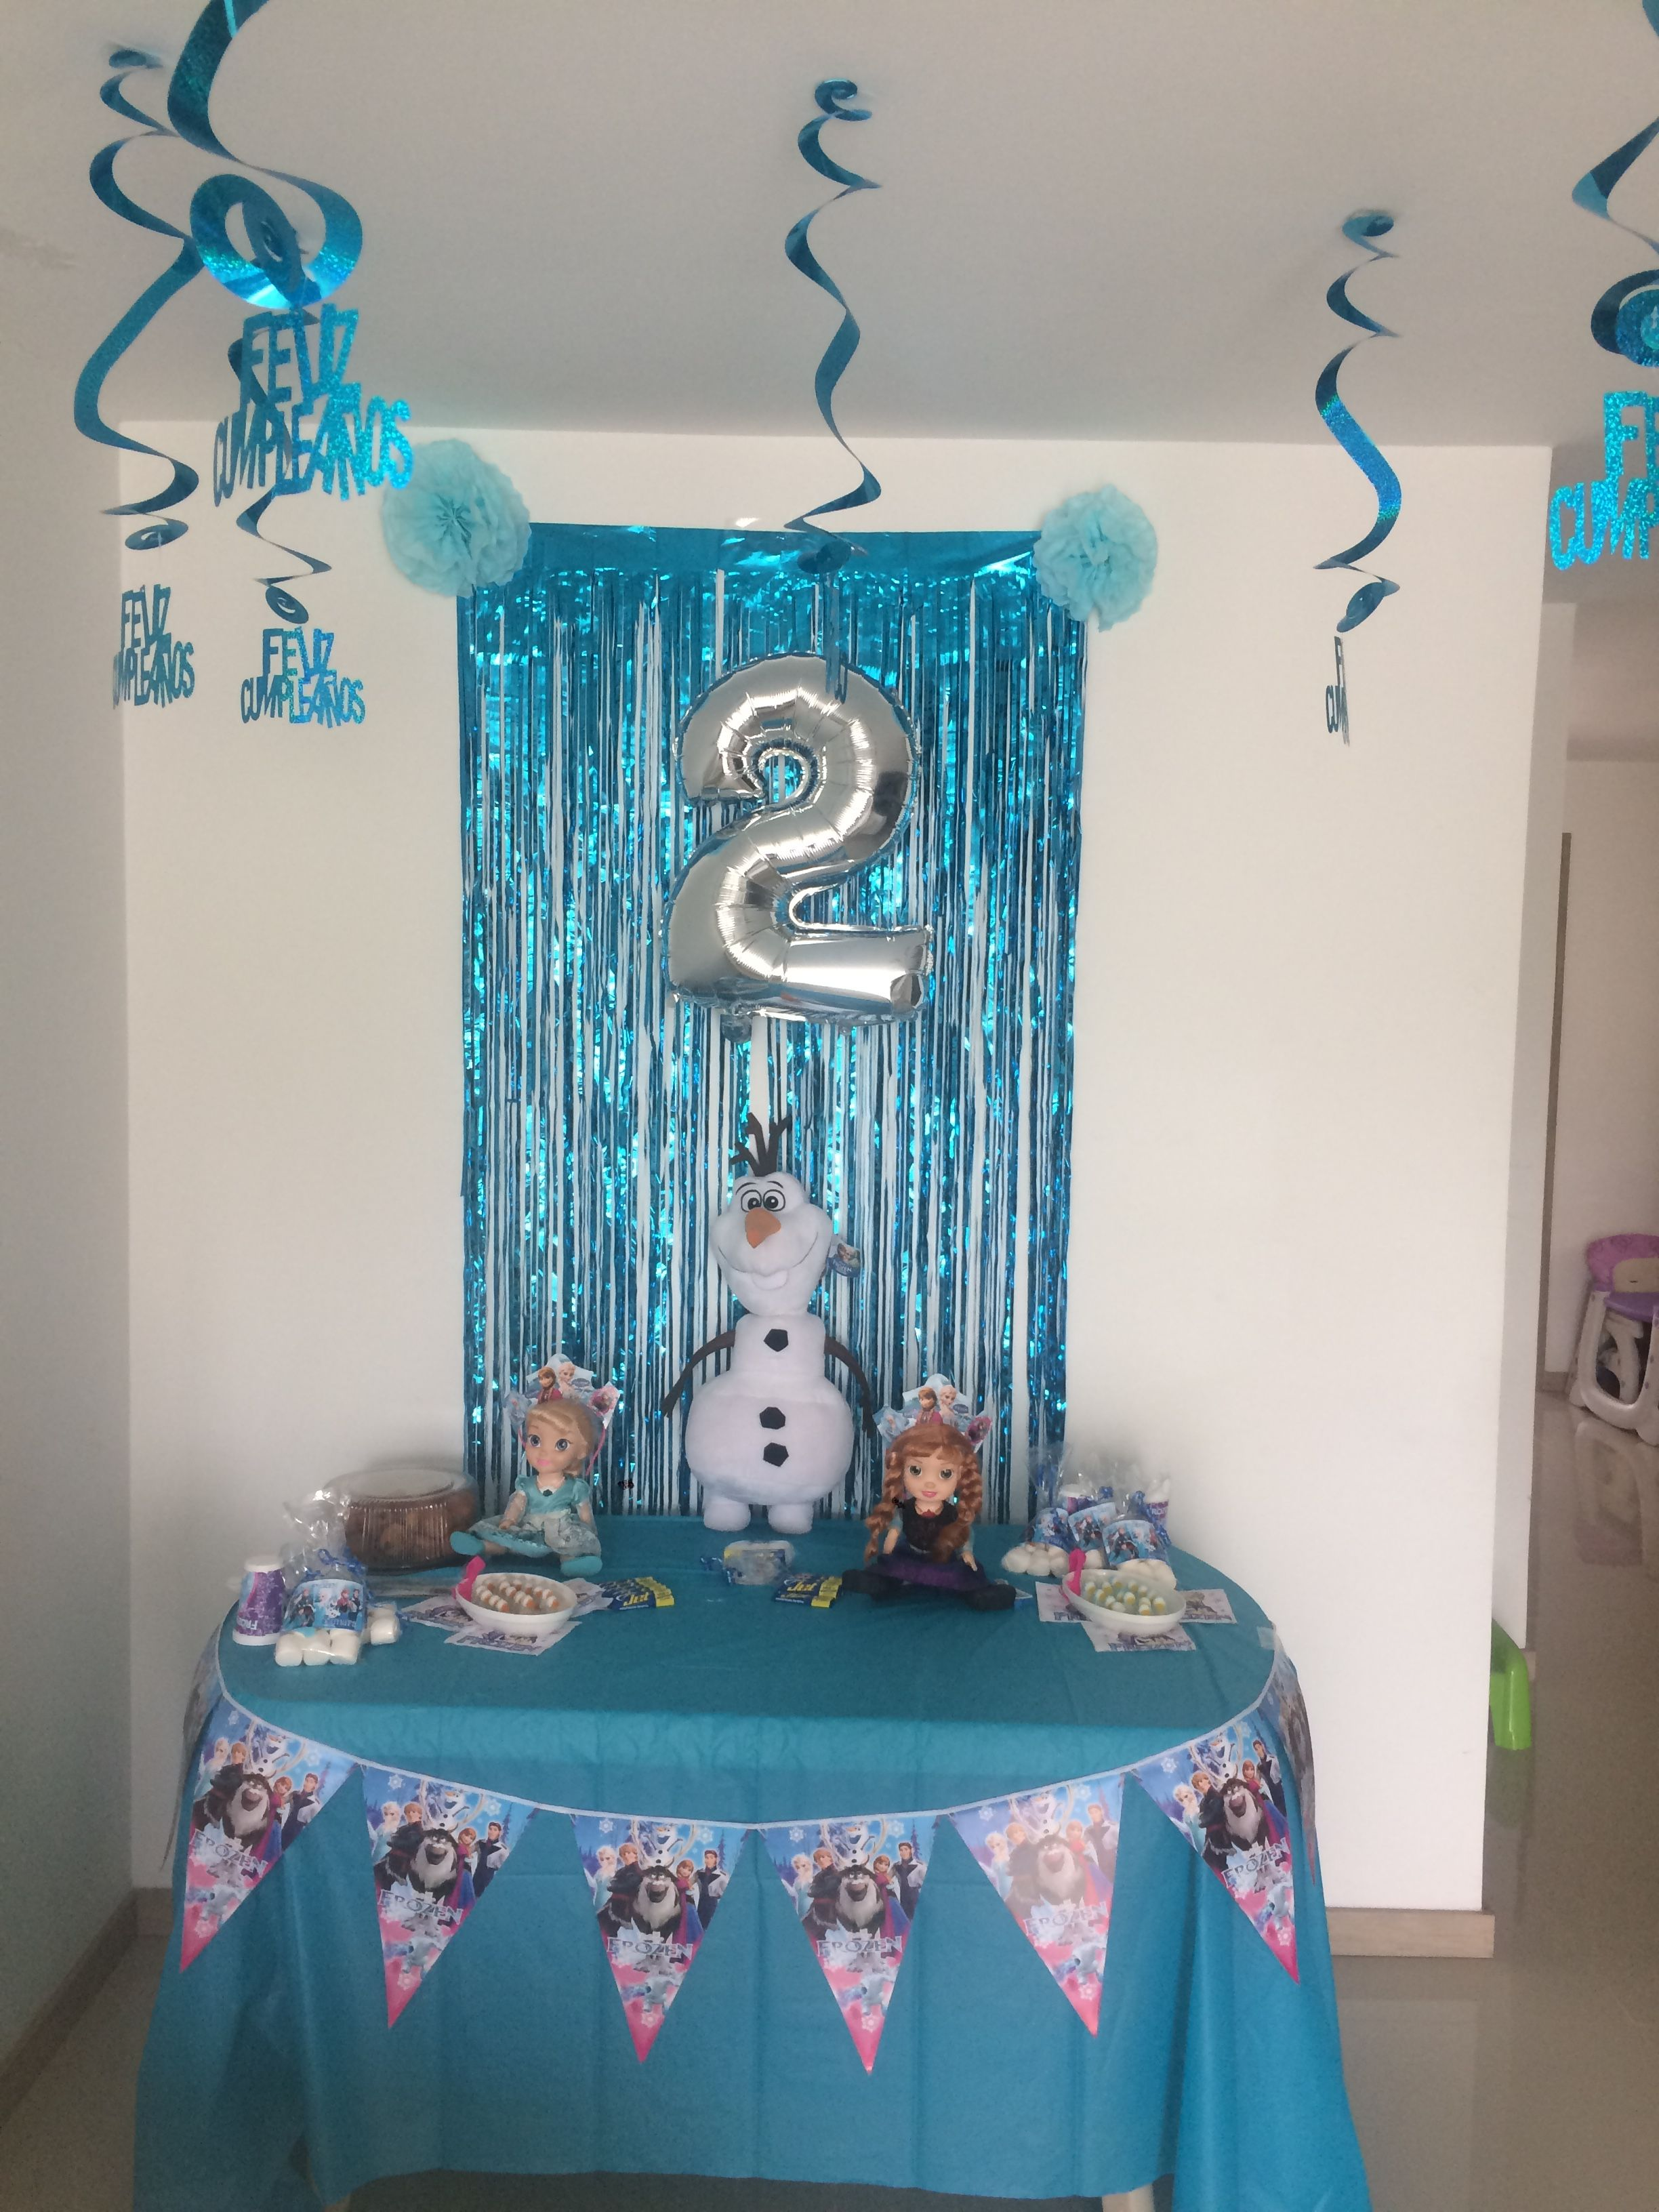 Decoraci n sencilla pero linda de frozer decoraci n - Ideas decoracion fiestas ...